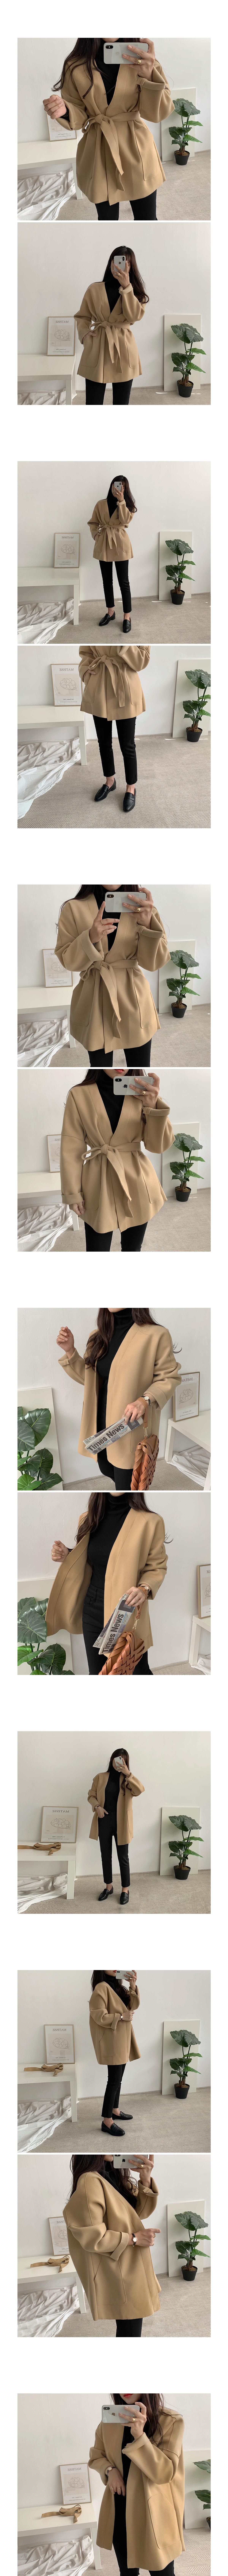 Locoren Coat